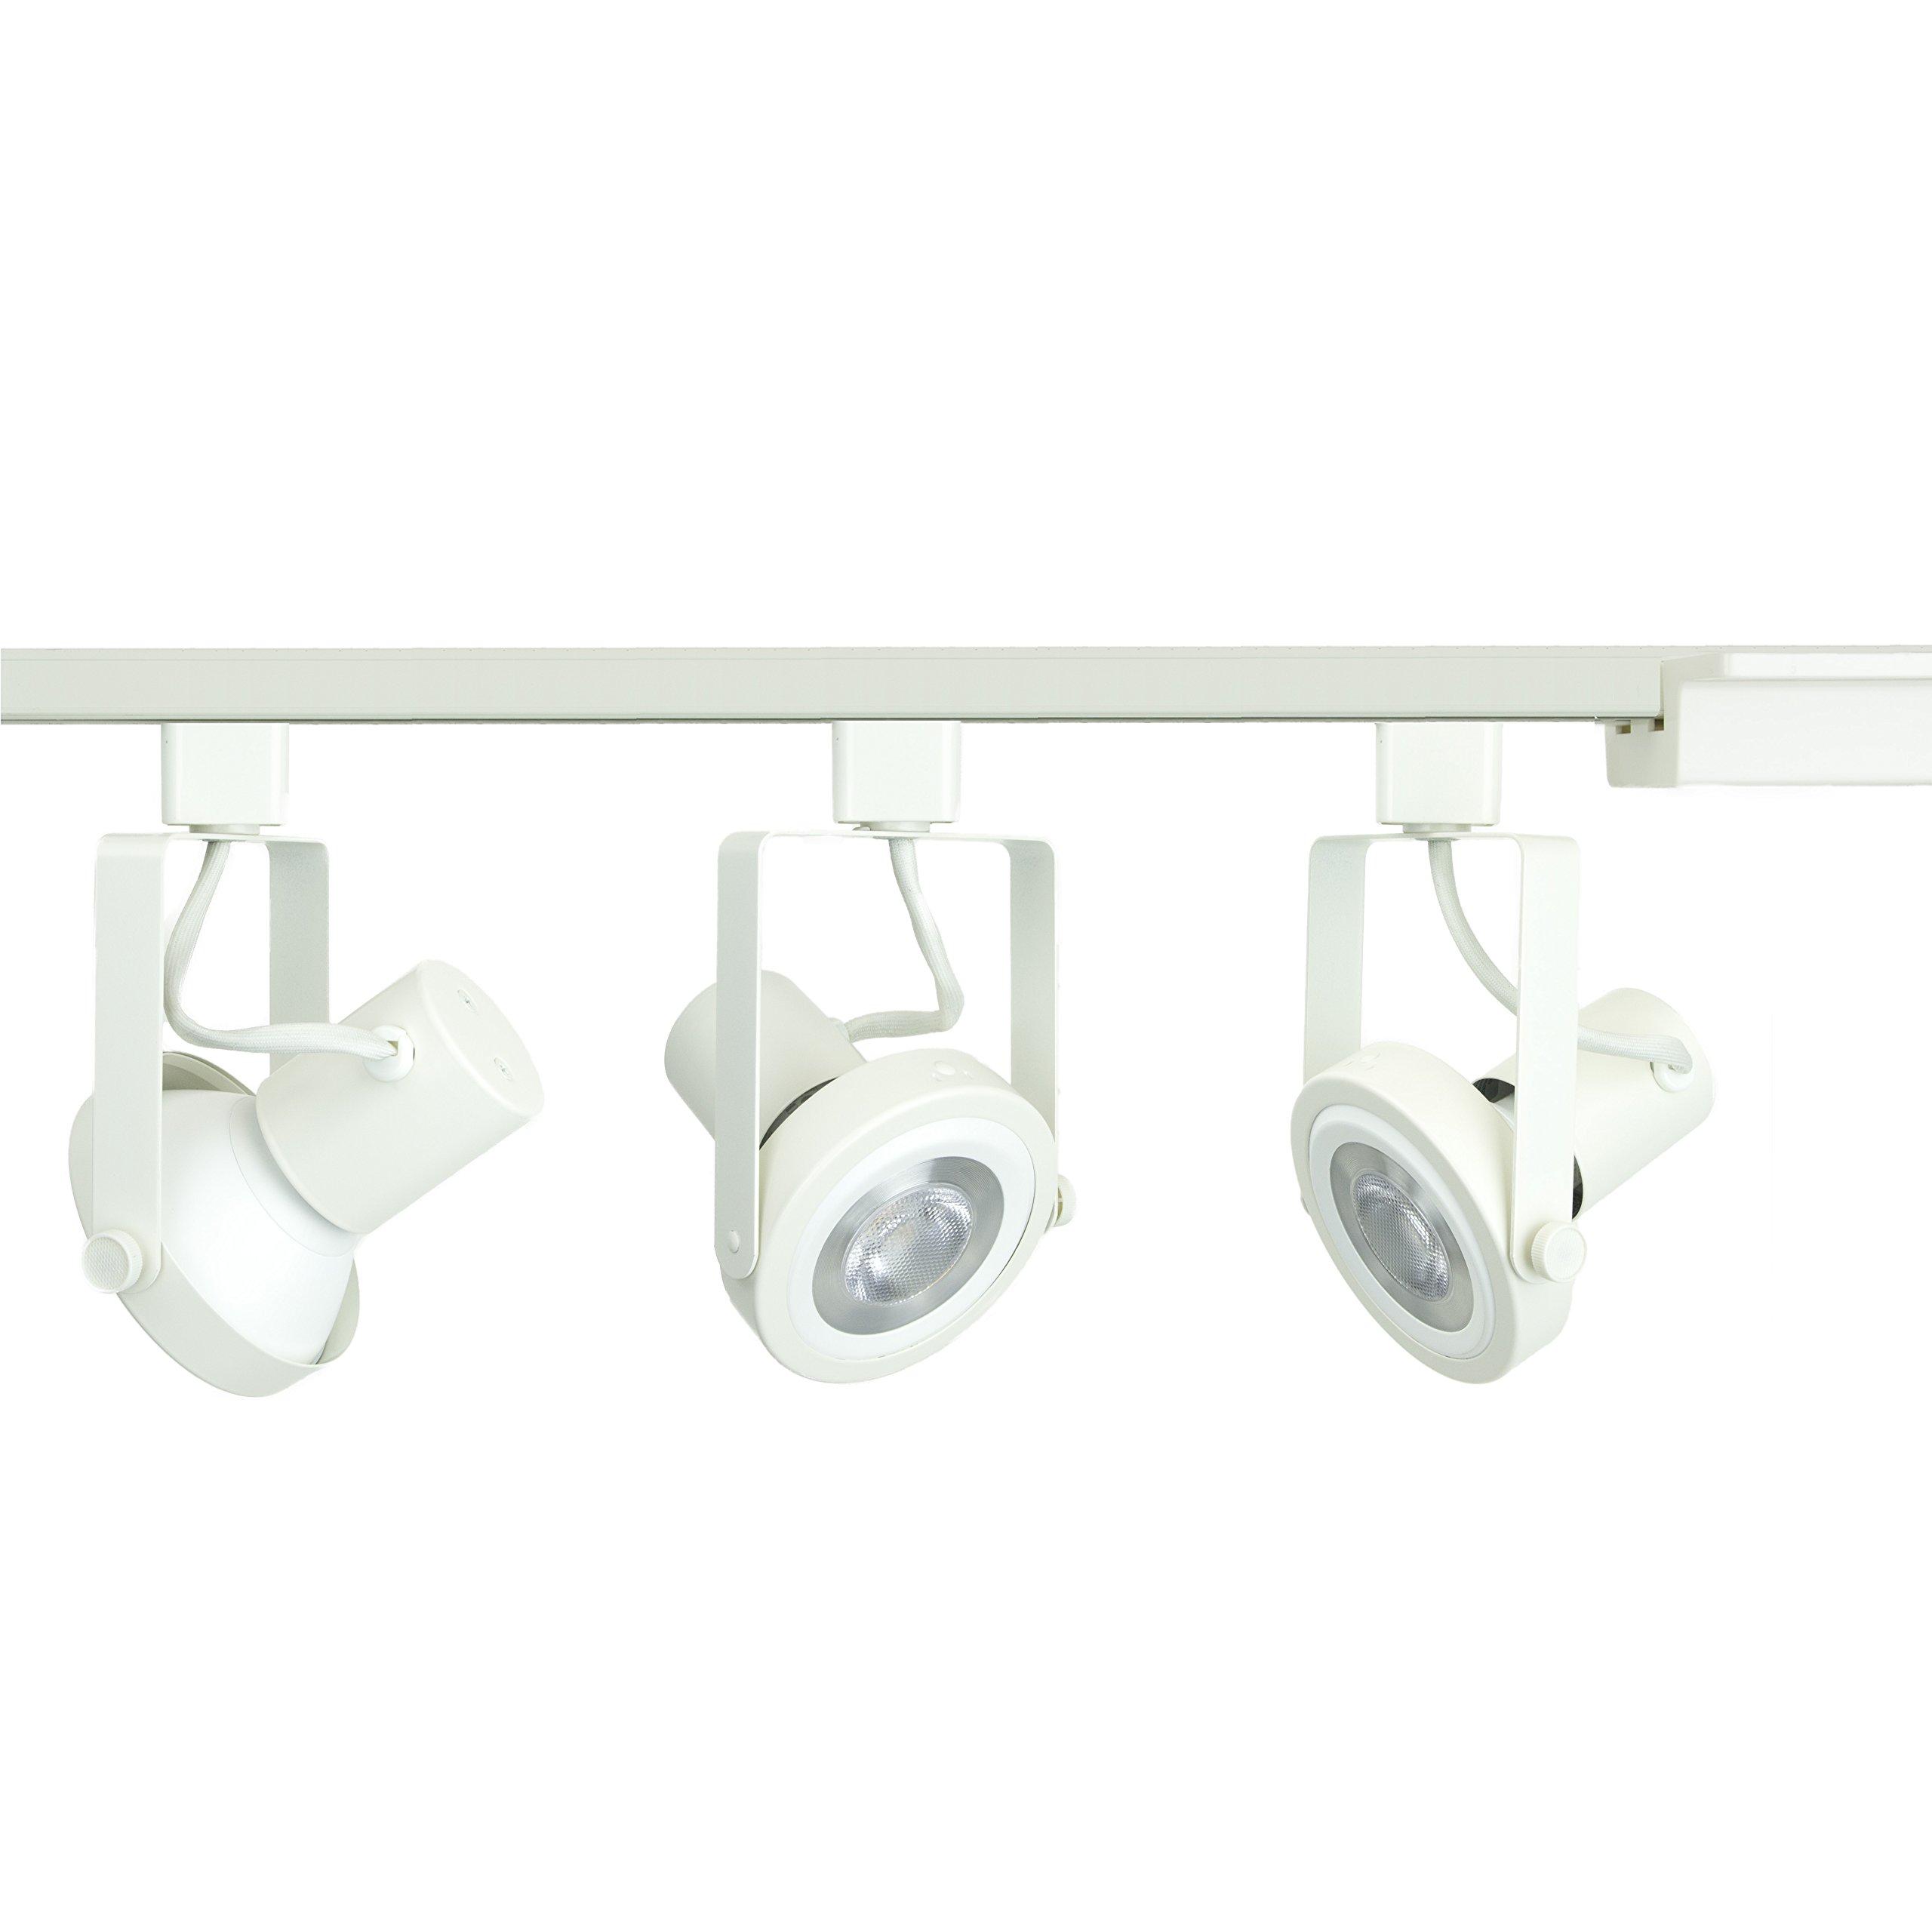 Direct-Lighting 3-Light PAR30 LED Gimbal Ring Track Lighting Kit - White Finished - Bulbs Included.